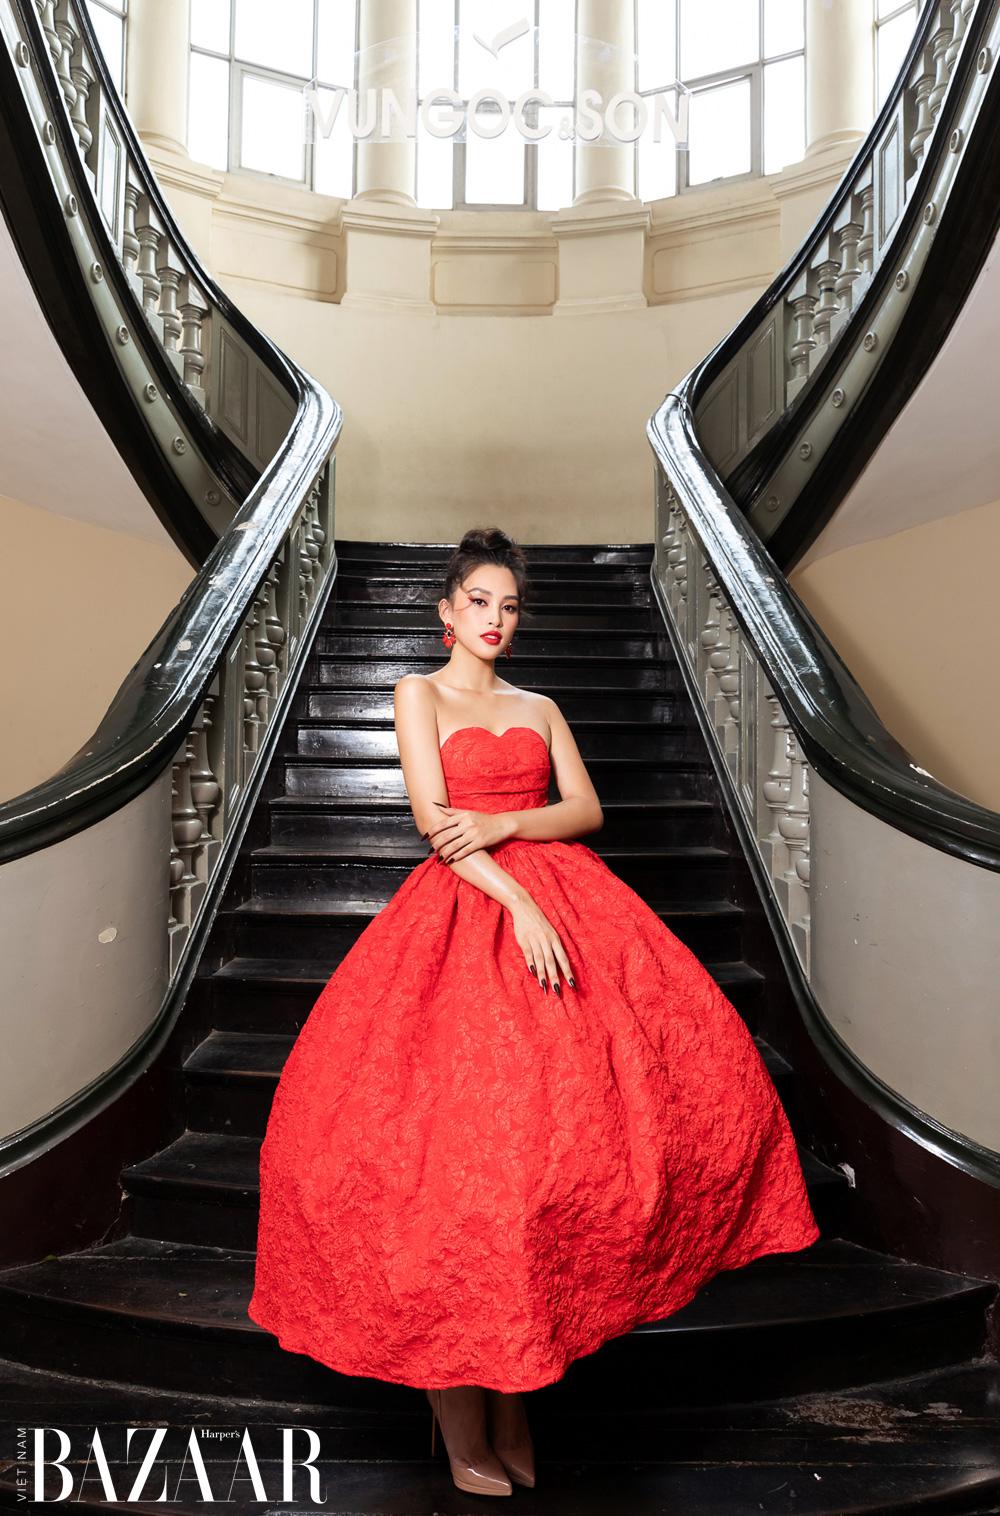 Thảm đỏ hot nhất đầu năm 2021: Dàn sao Việt đình đám quy tụ trong show của Vungoc&son 3